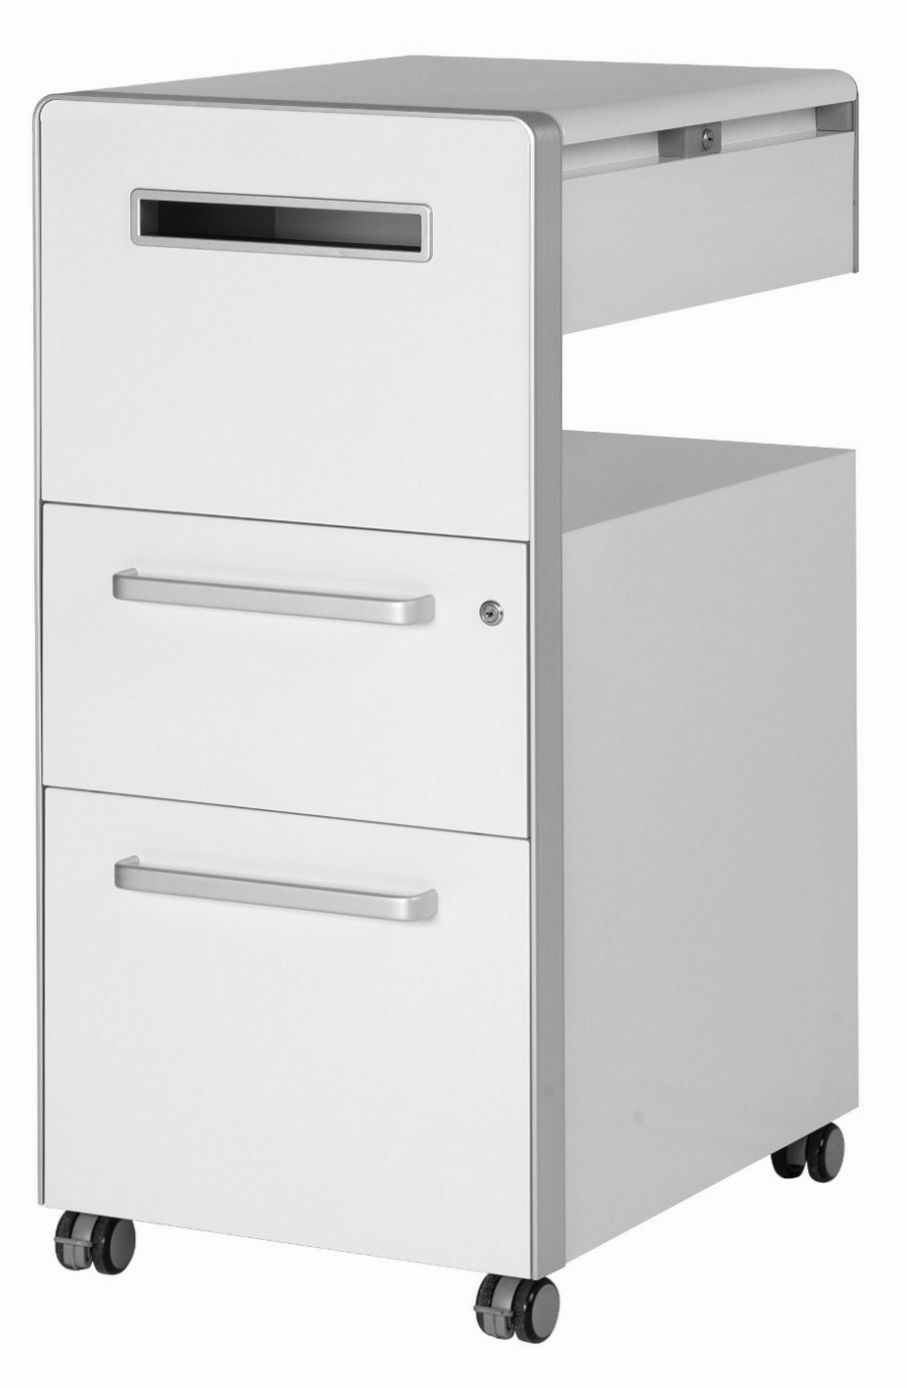 abschließbarer Schreibtisch-Beistellcontainer mit Postfach und Briefschlitz